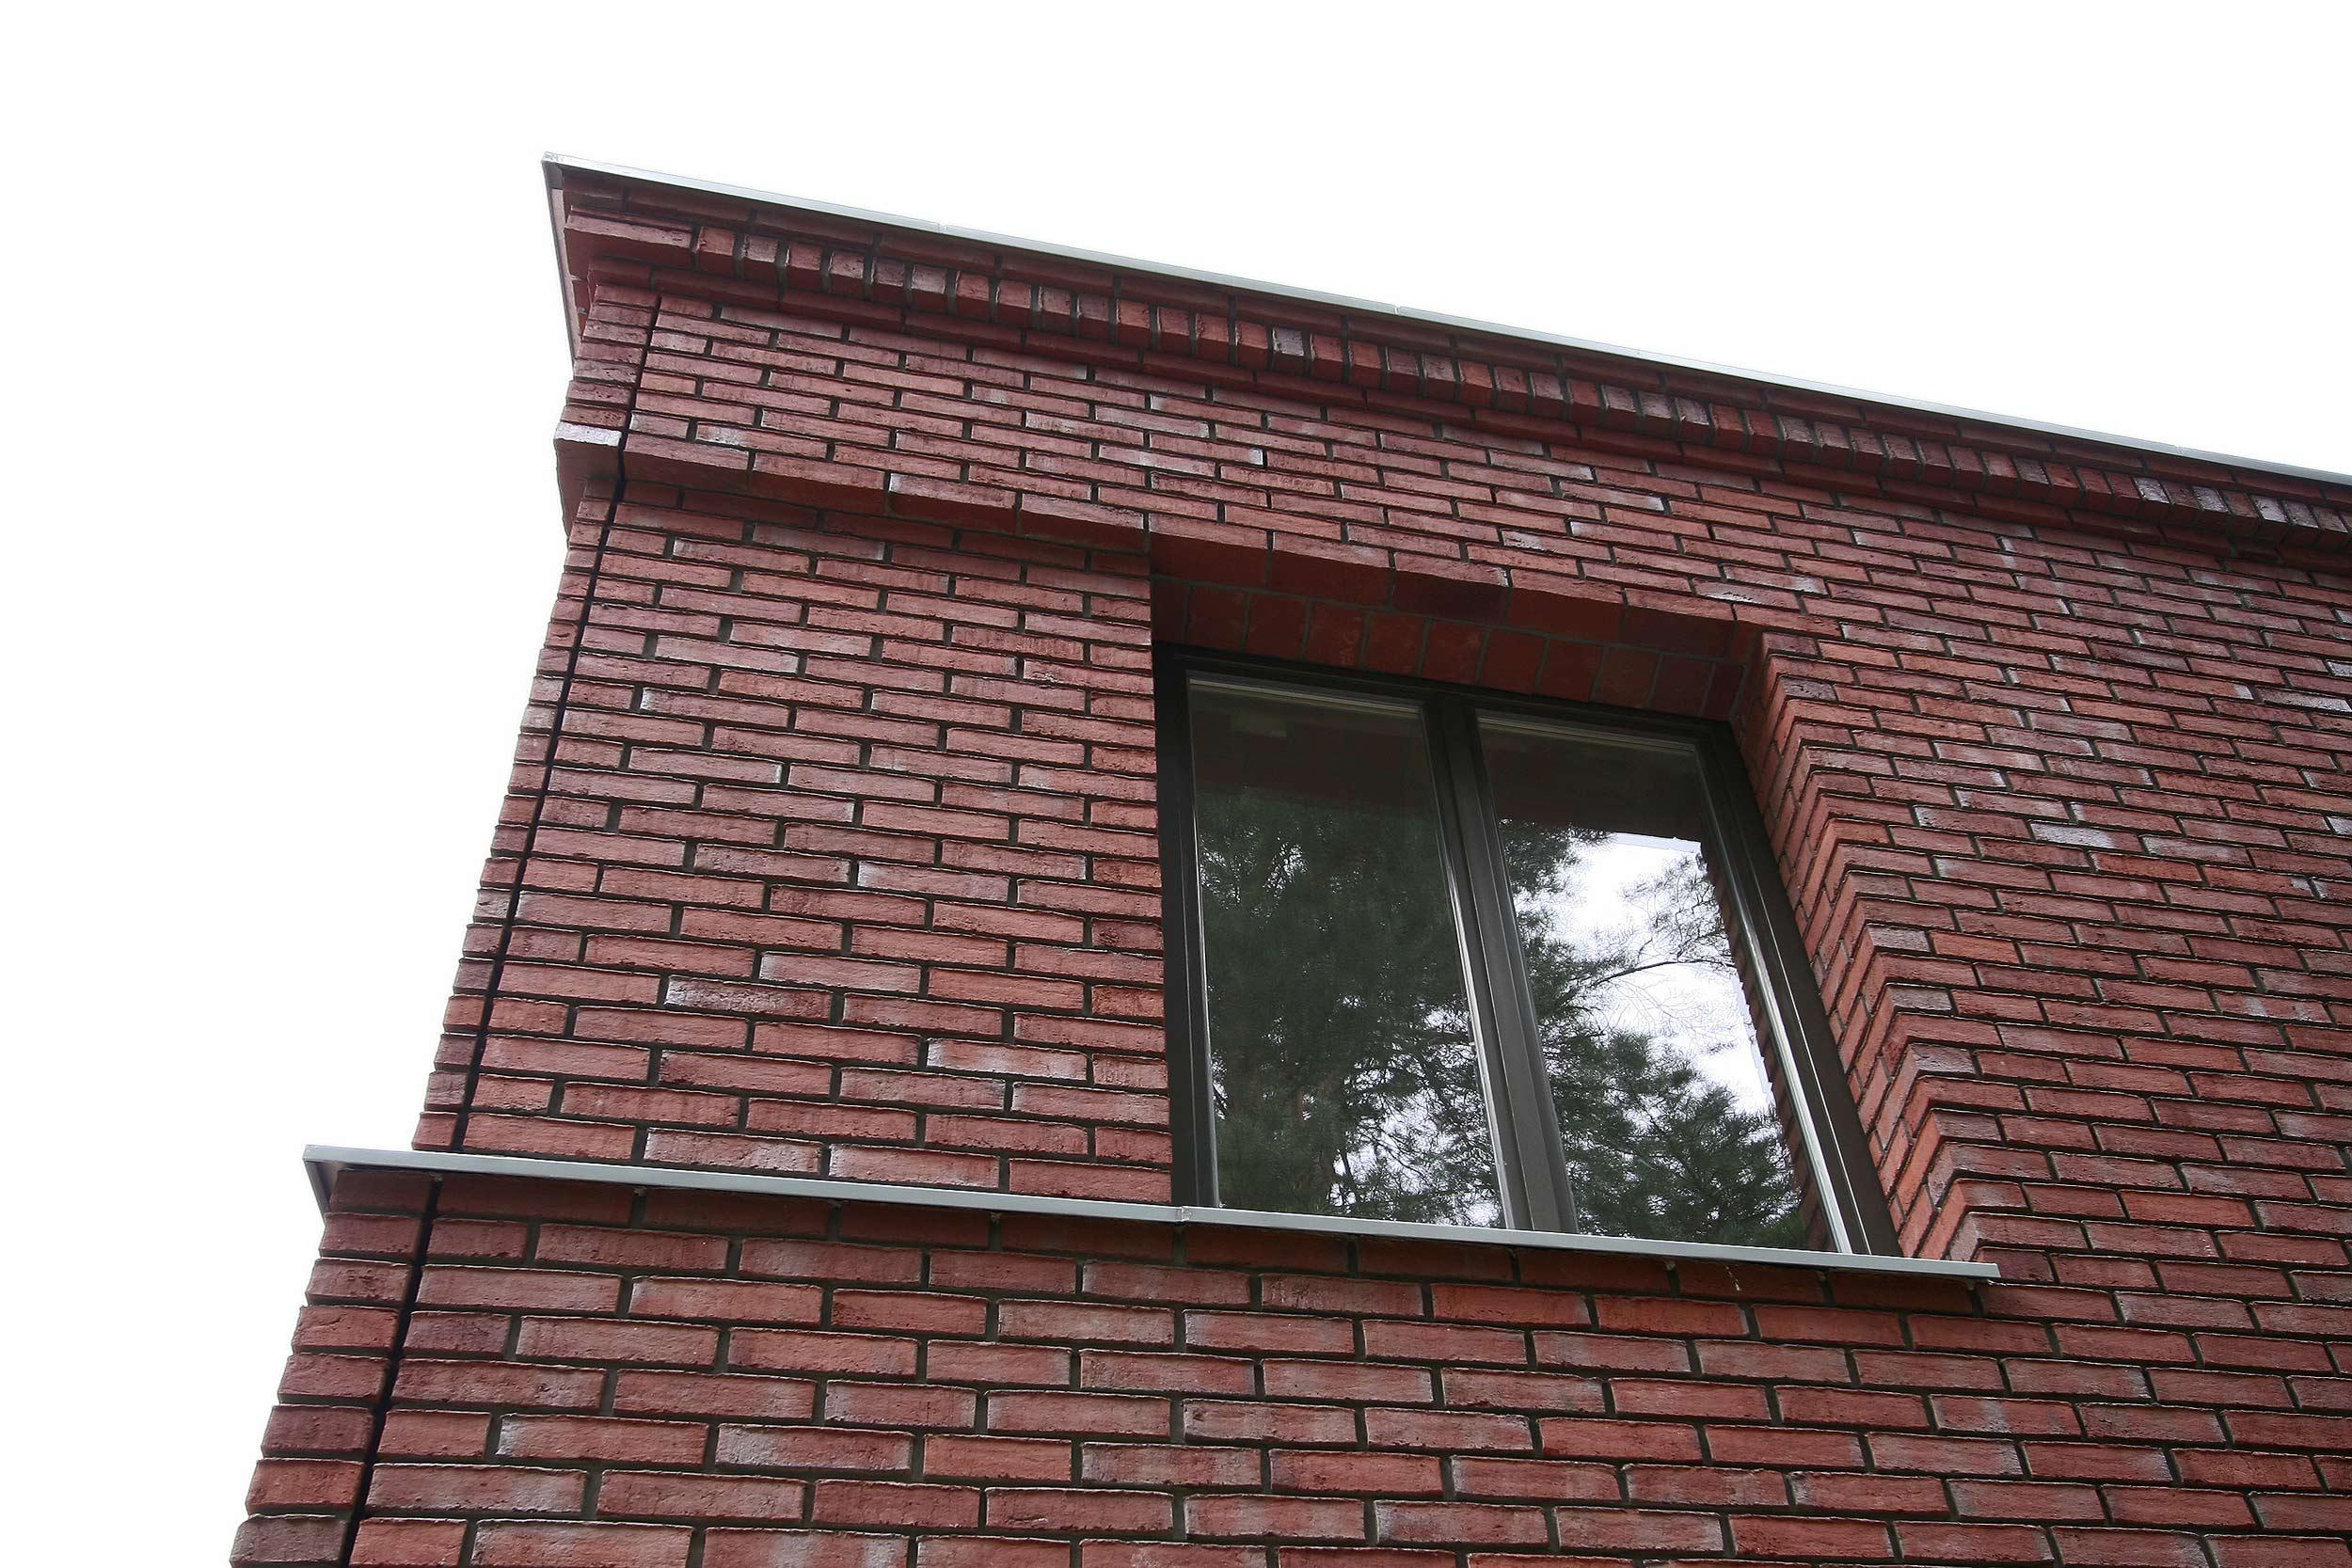 Die Fenster im Obergeschoss werden durch ein Rücksprung in der Fassade zusammengefasst